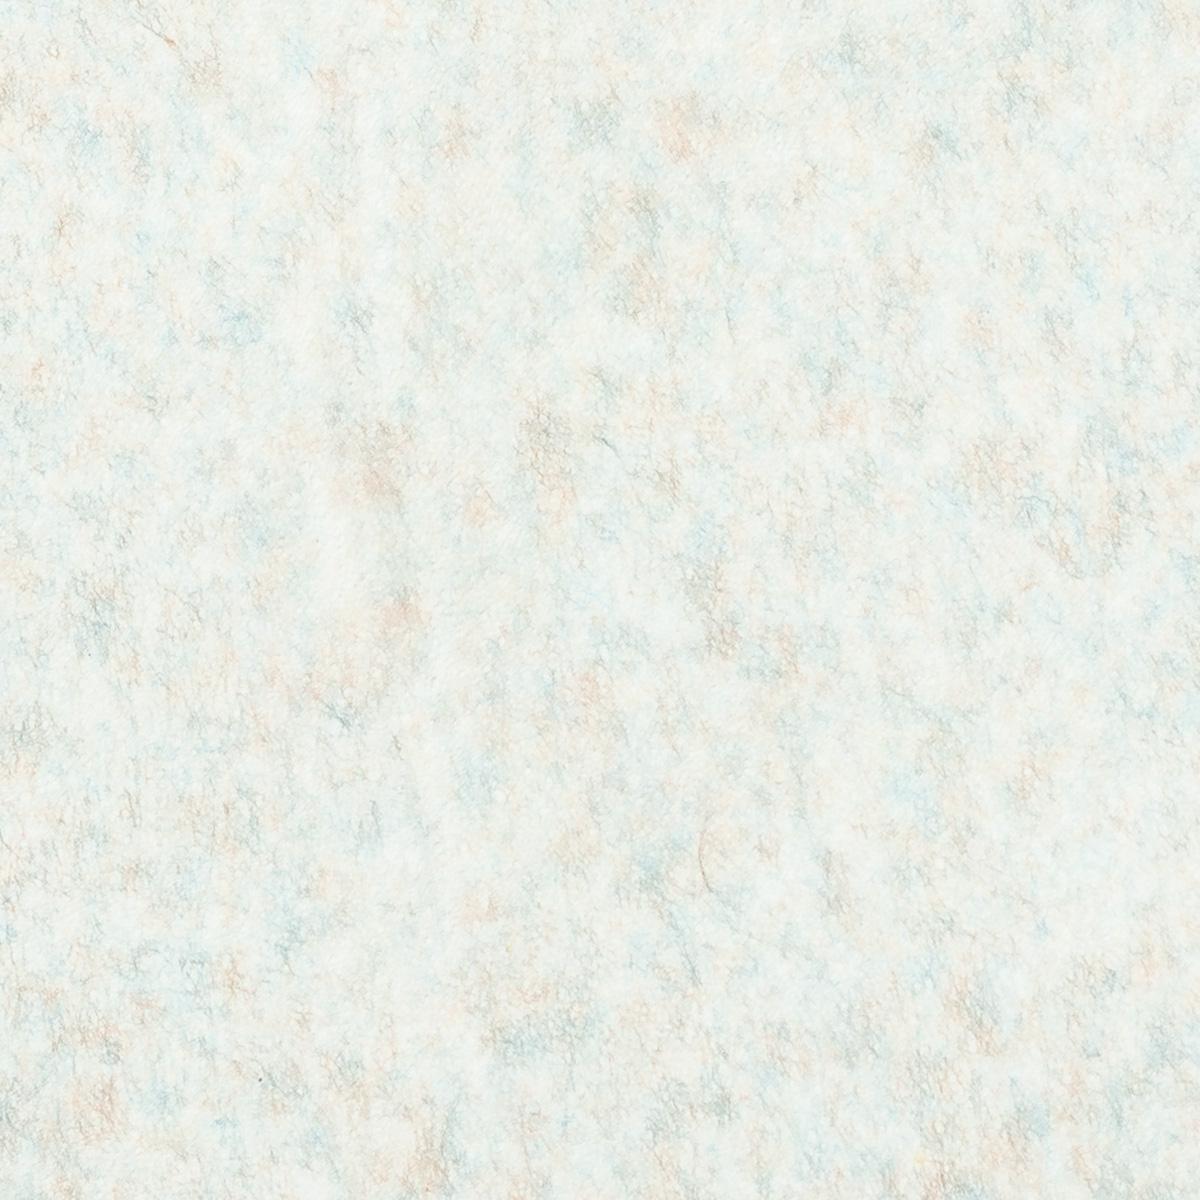 典具帖紙 ふぶき染 No.26